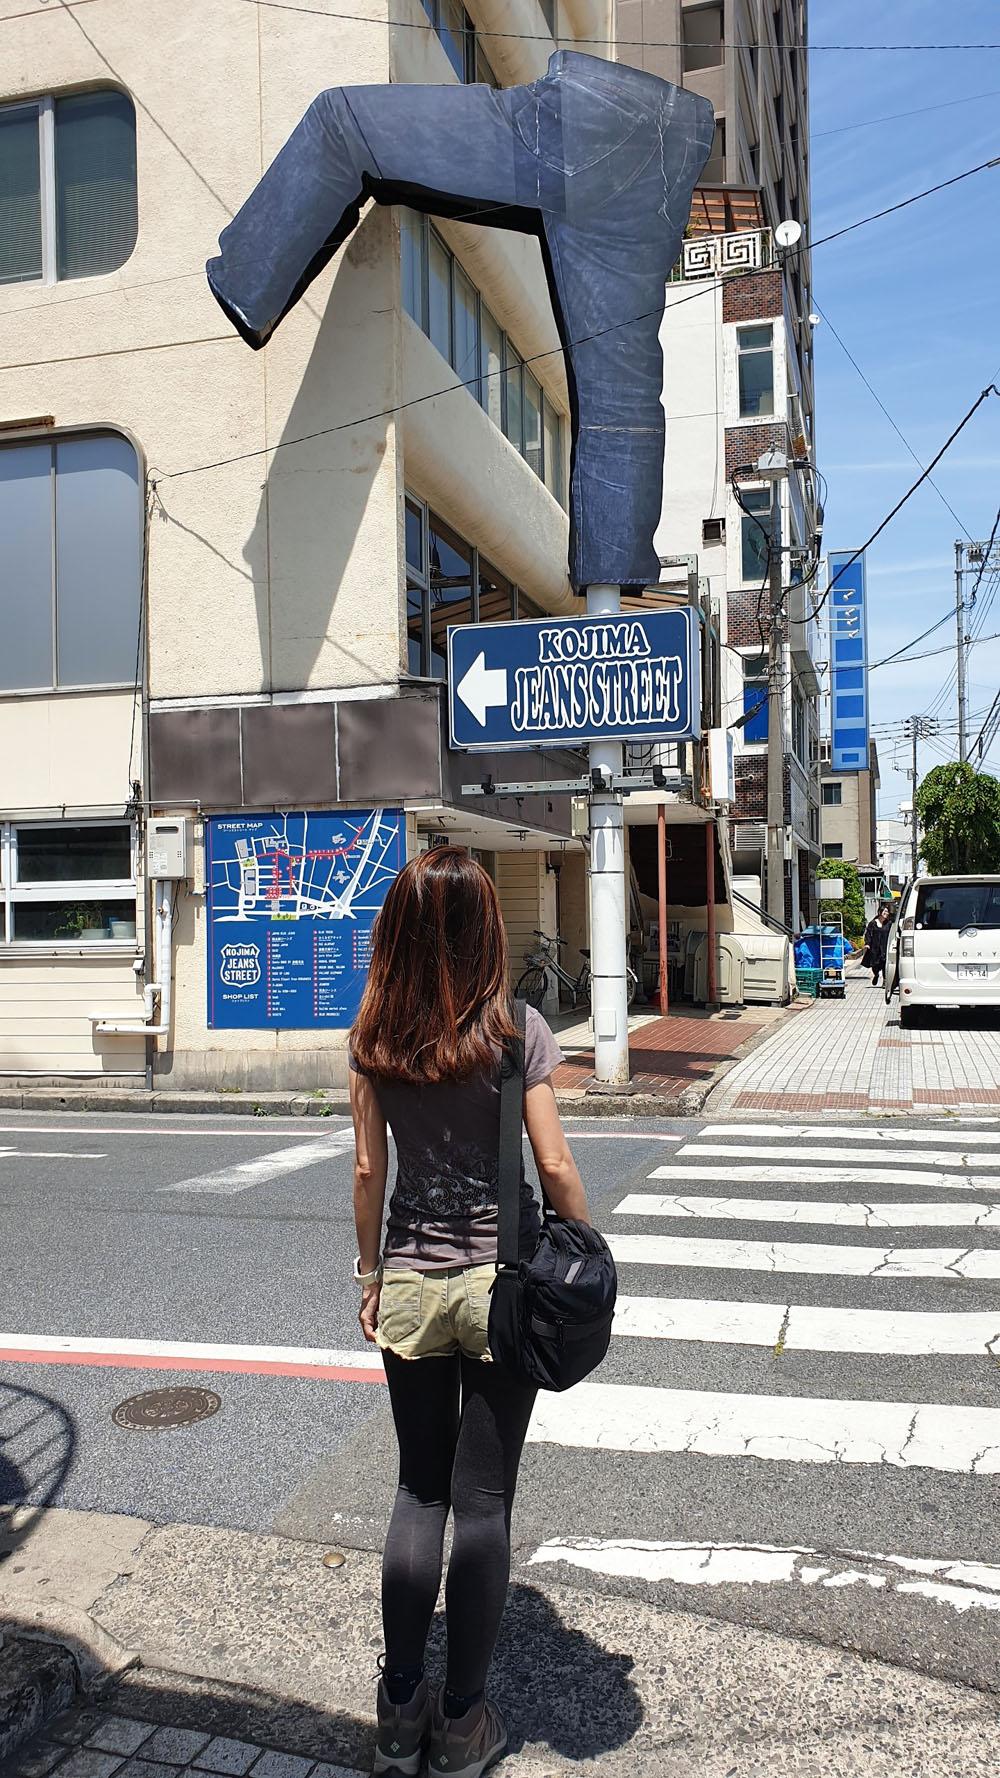 Kojima Jeans Street Okayama